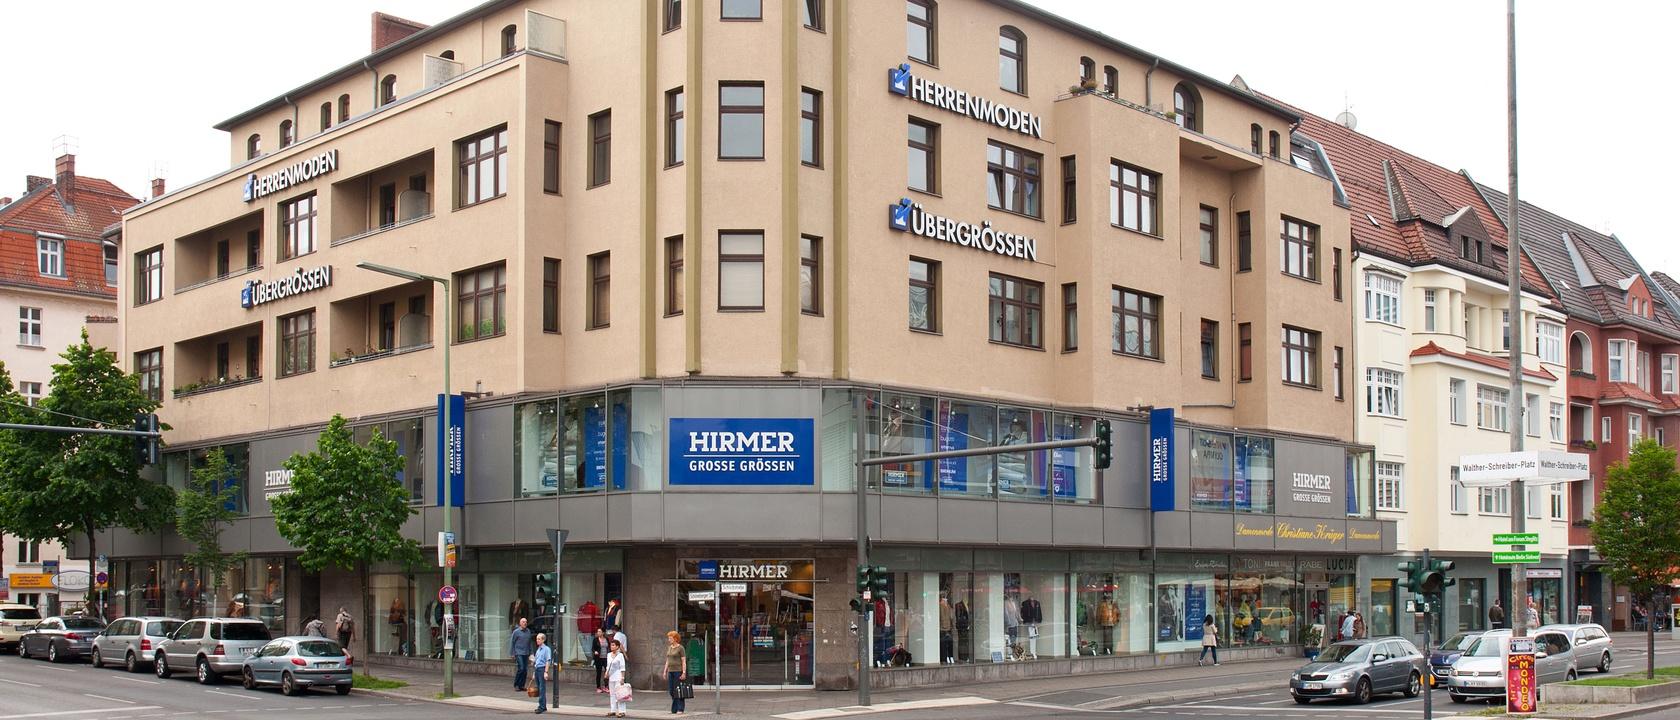 Herrenmode in Übergrößen in Berlin | Hirmer GROSSE GRÖSSEN